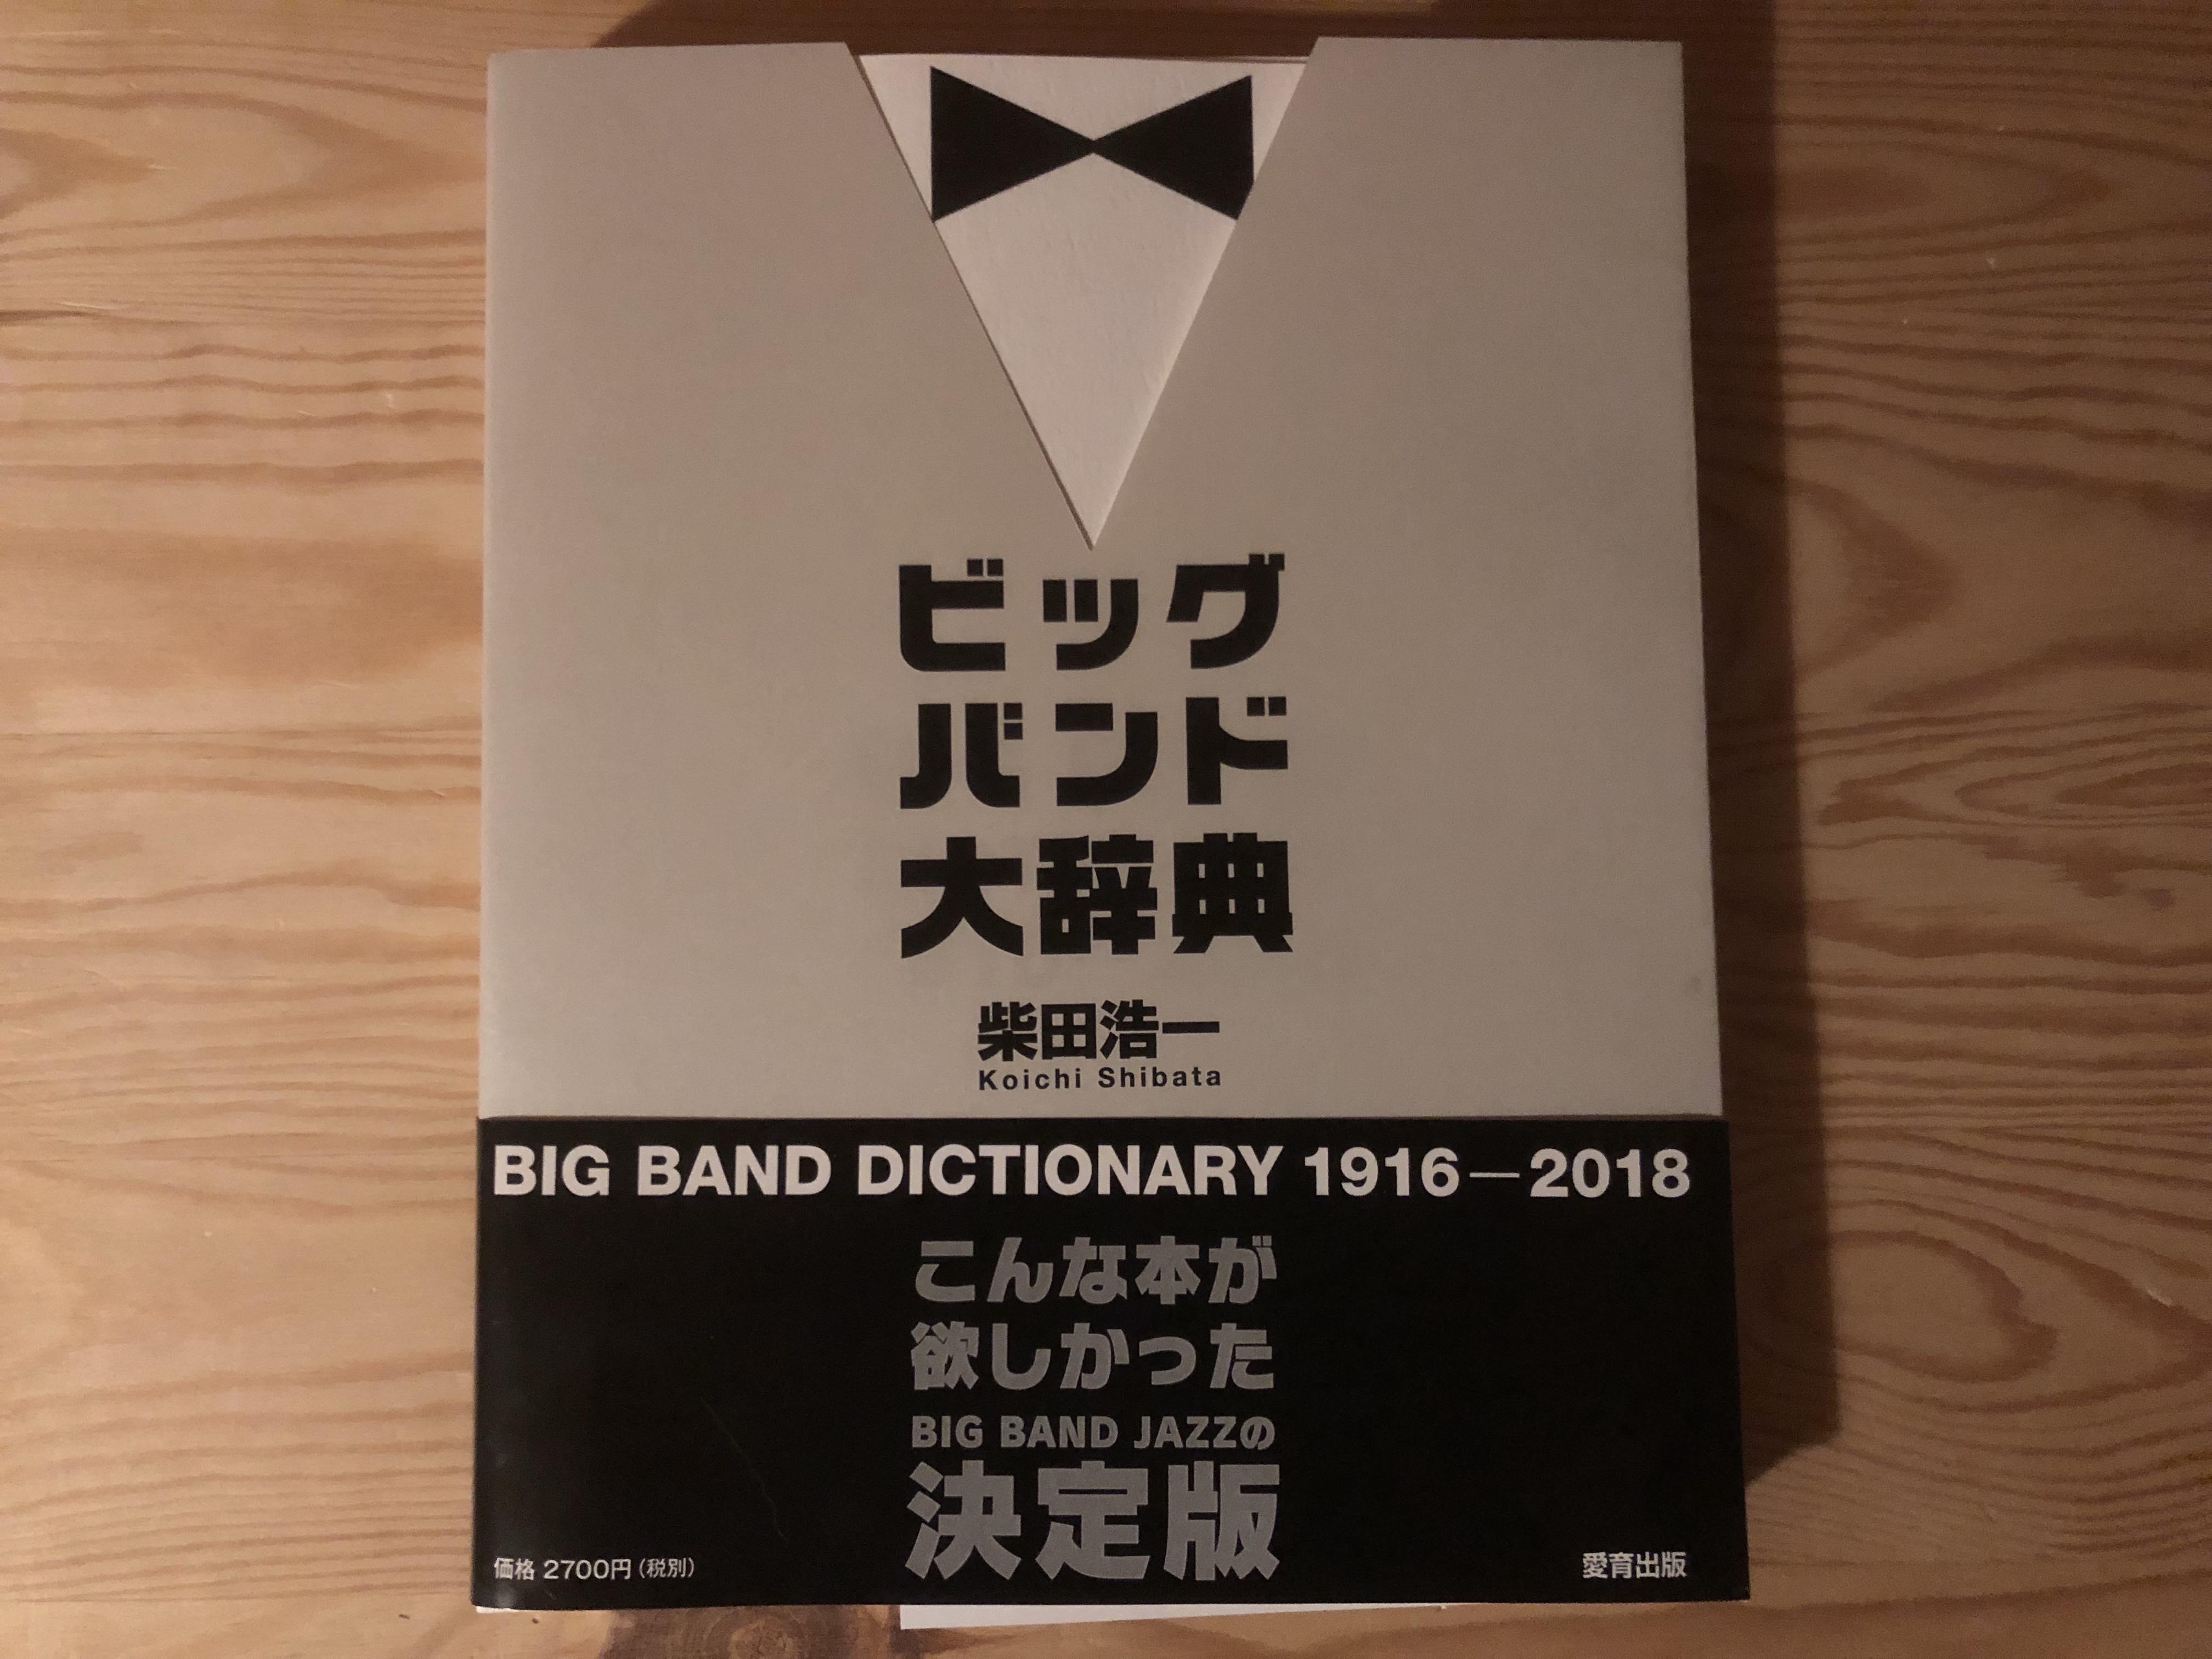 有了这本书,``横滨爵士长廊''的乐趣就会增加10倍!